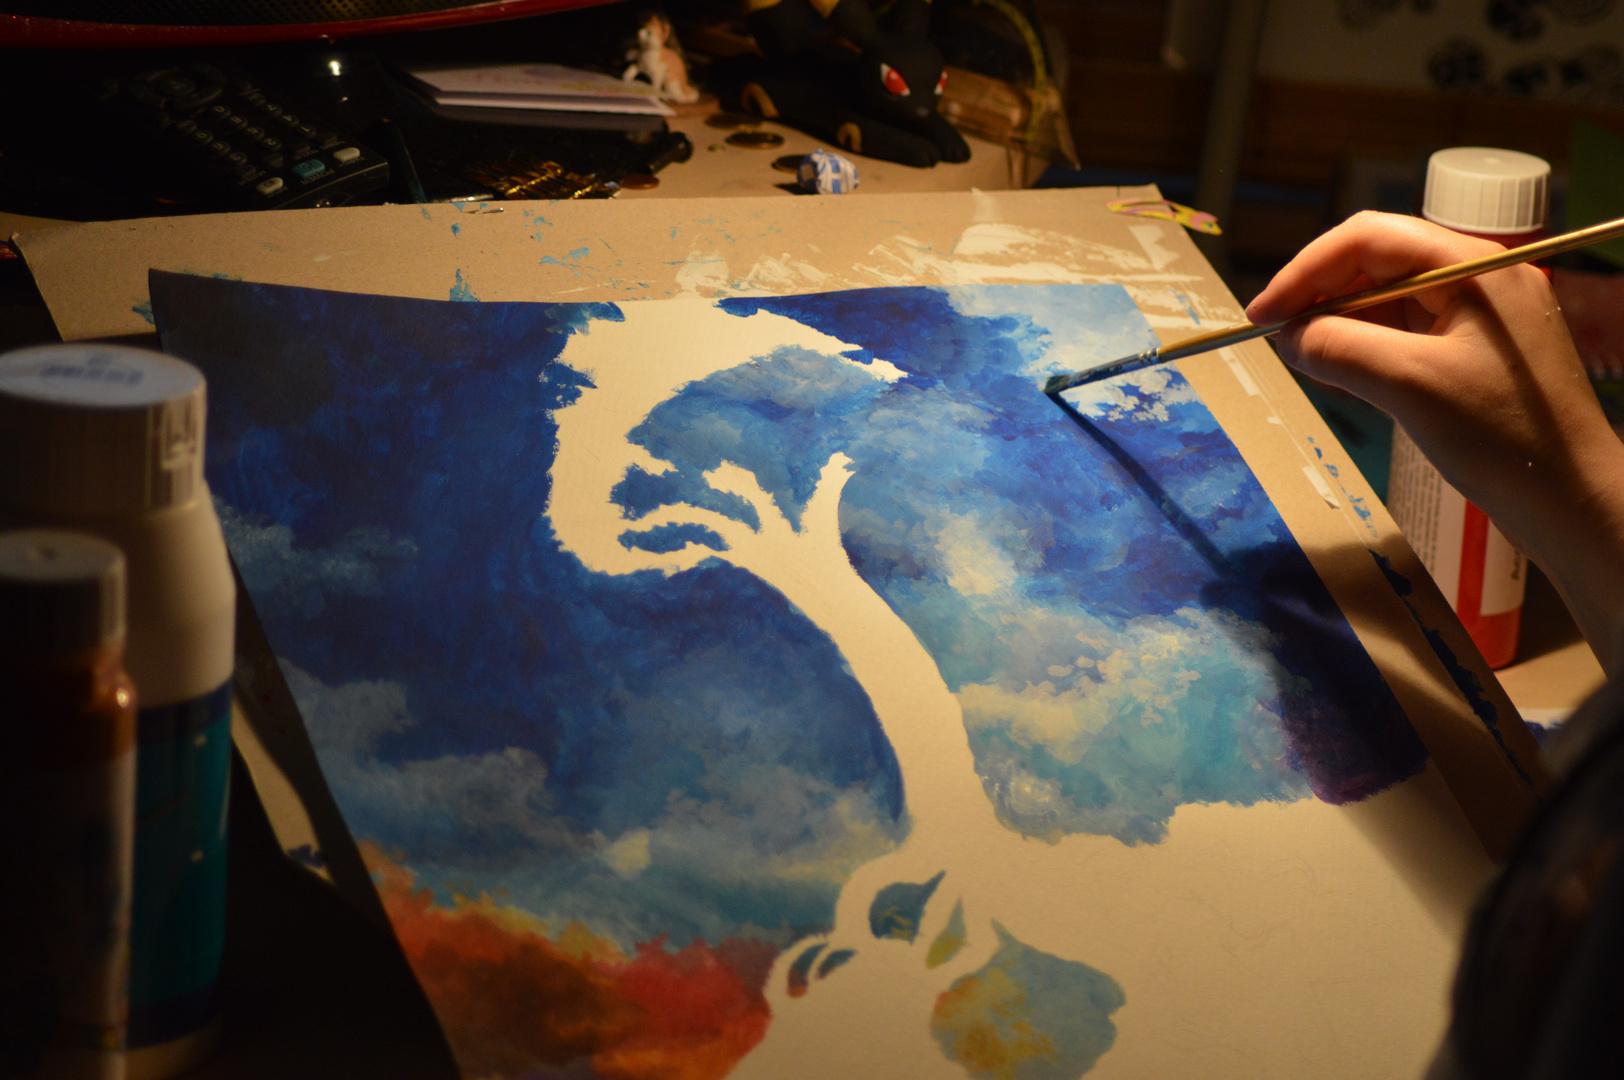 Kreative Beschäftigungen im Dunklen